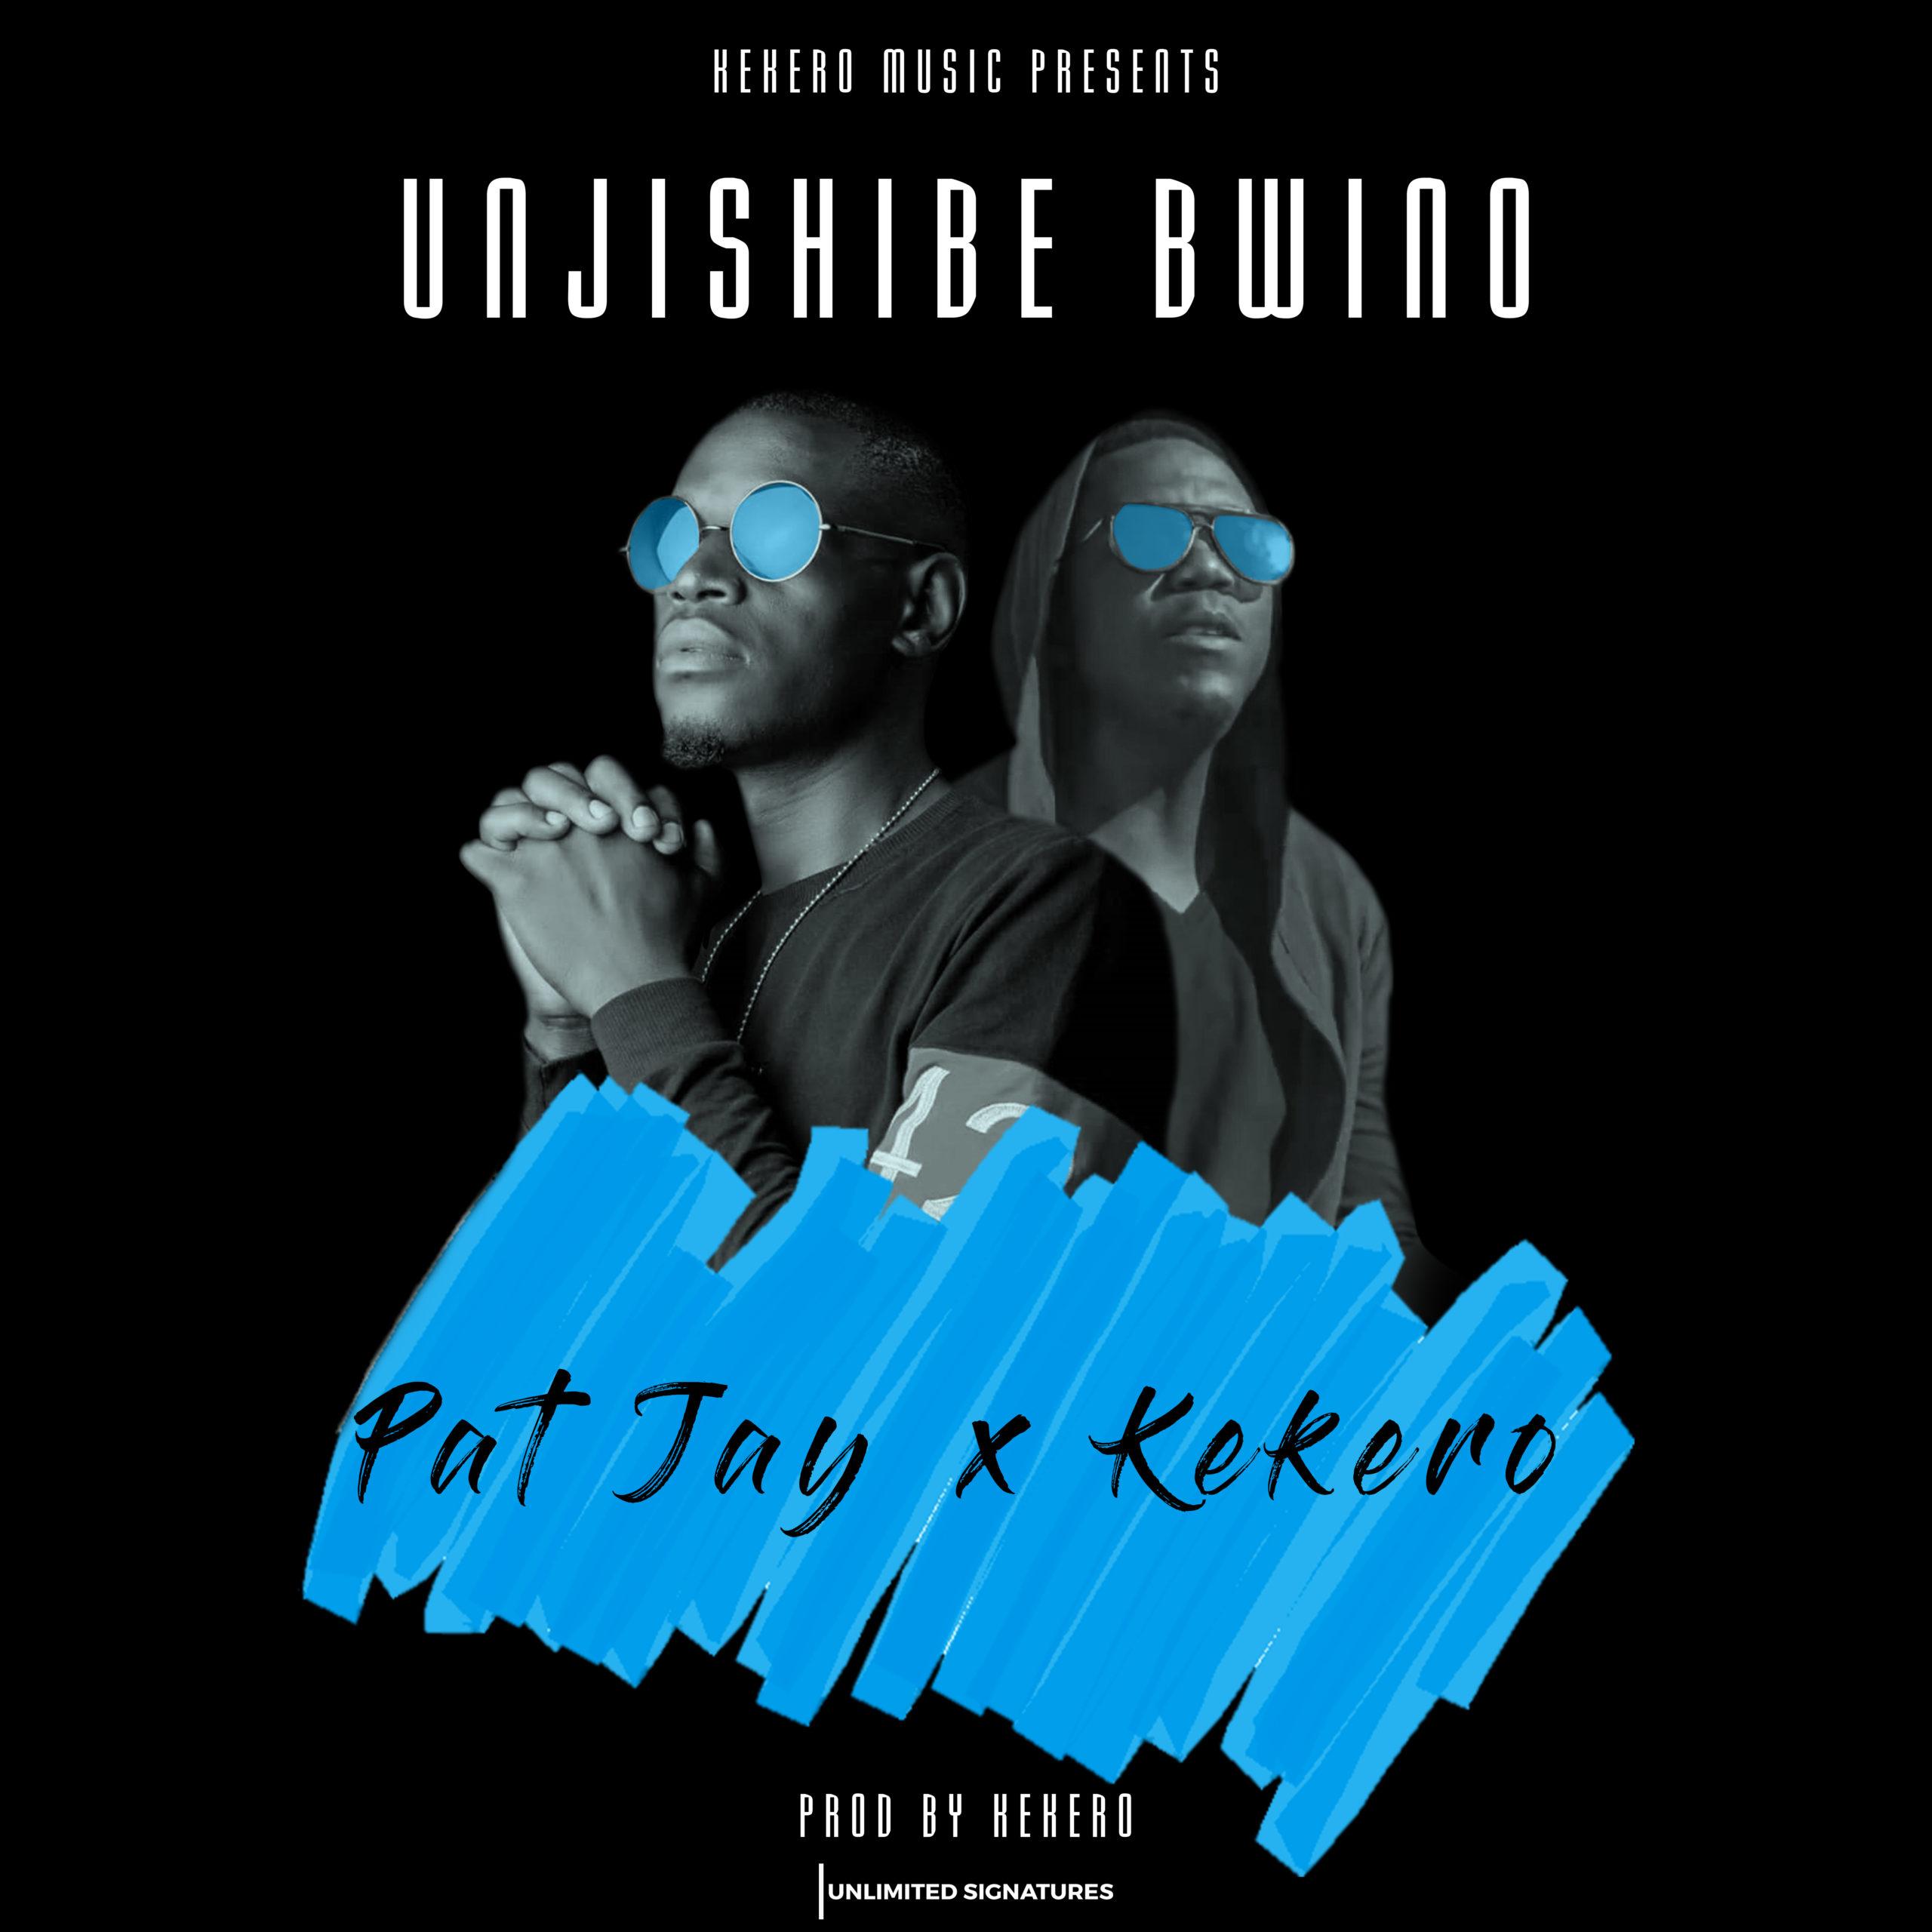 """Pat Jay ft. Kekero – """"Unjishibe Bwino"""""""